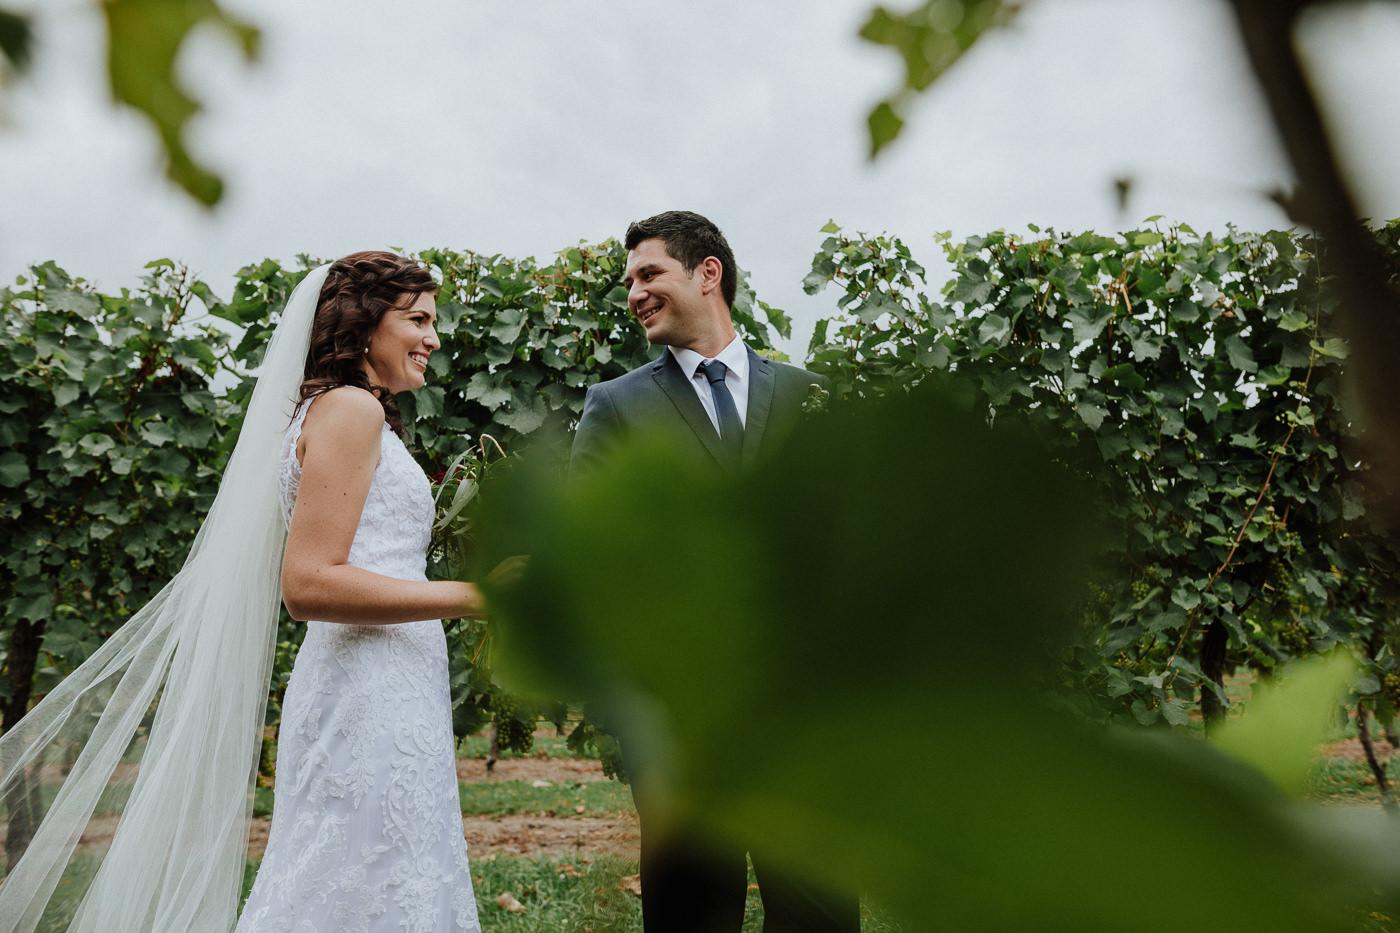 nz_wedding_photographer_gisborne-1030.jpg